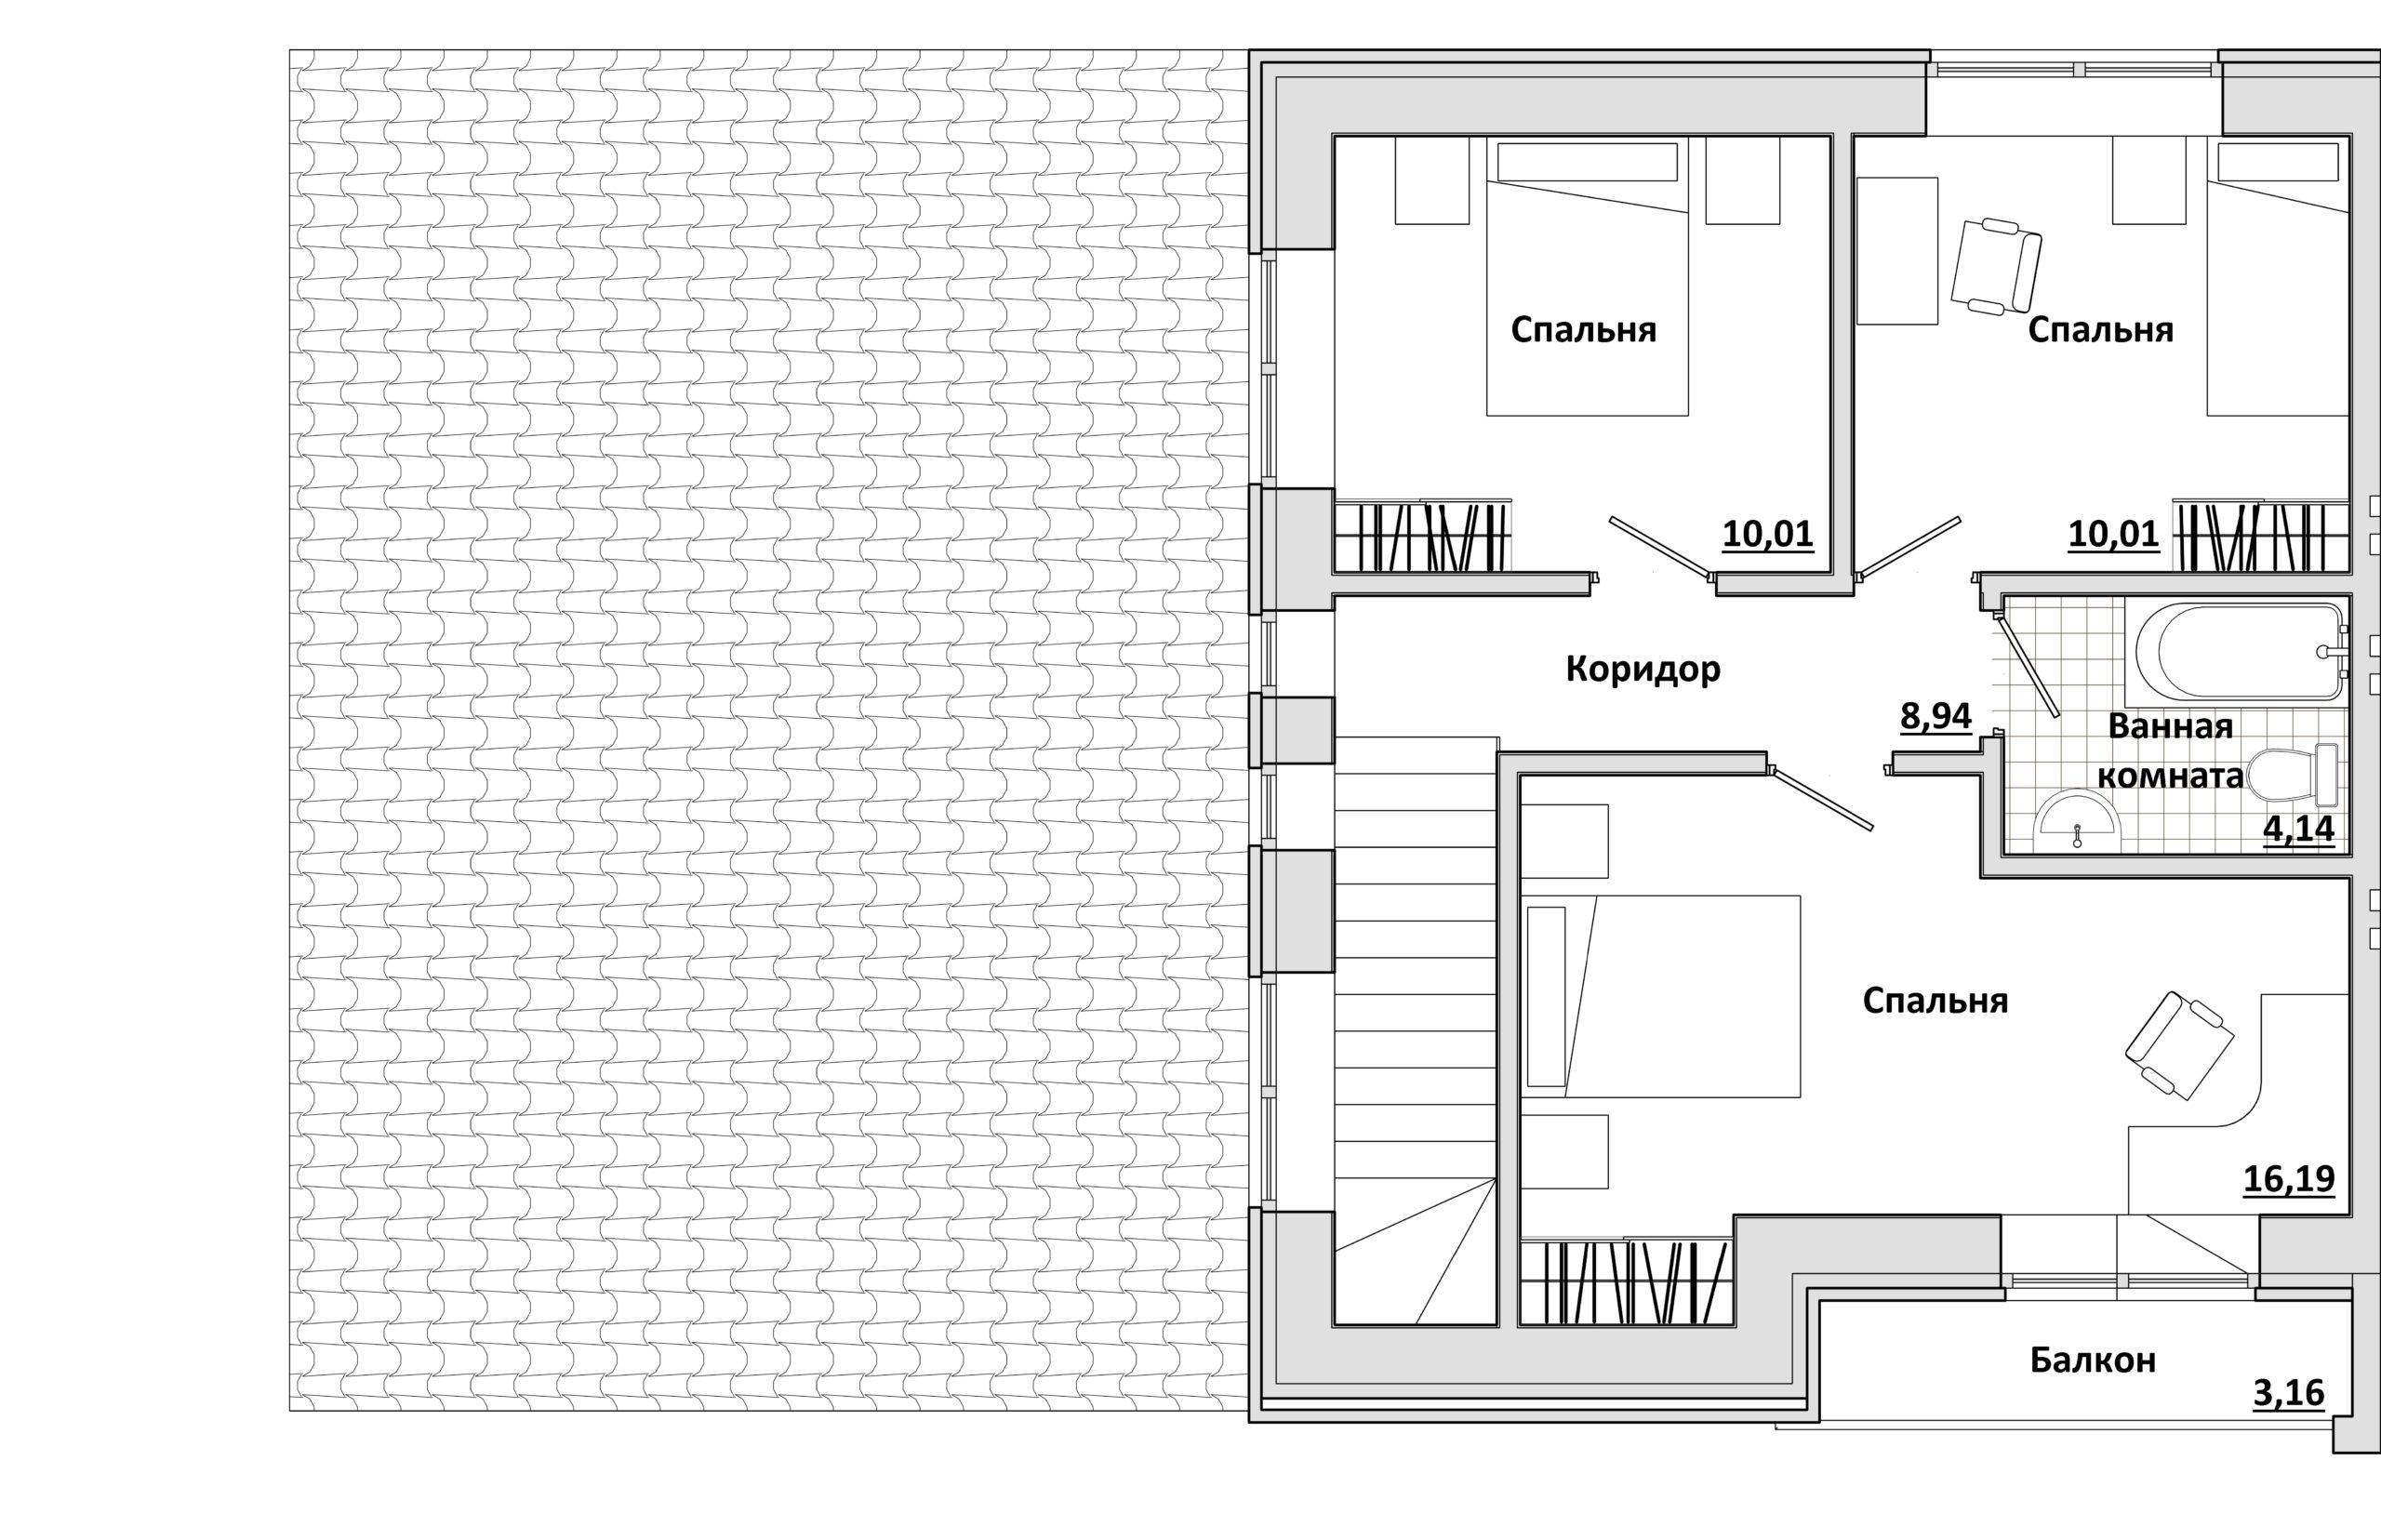 Дуплекс - План 2-го этажа ЛЕВЫЙ